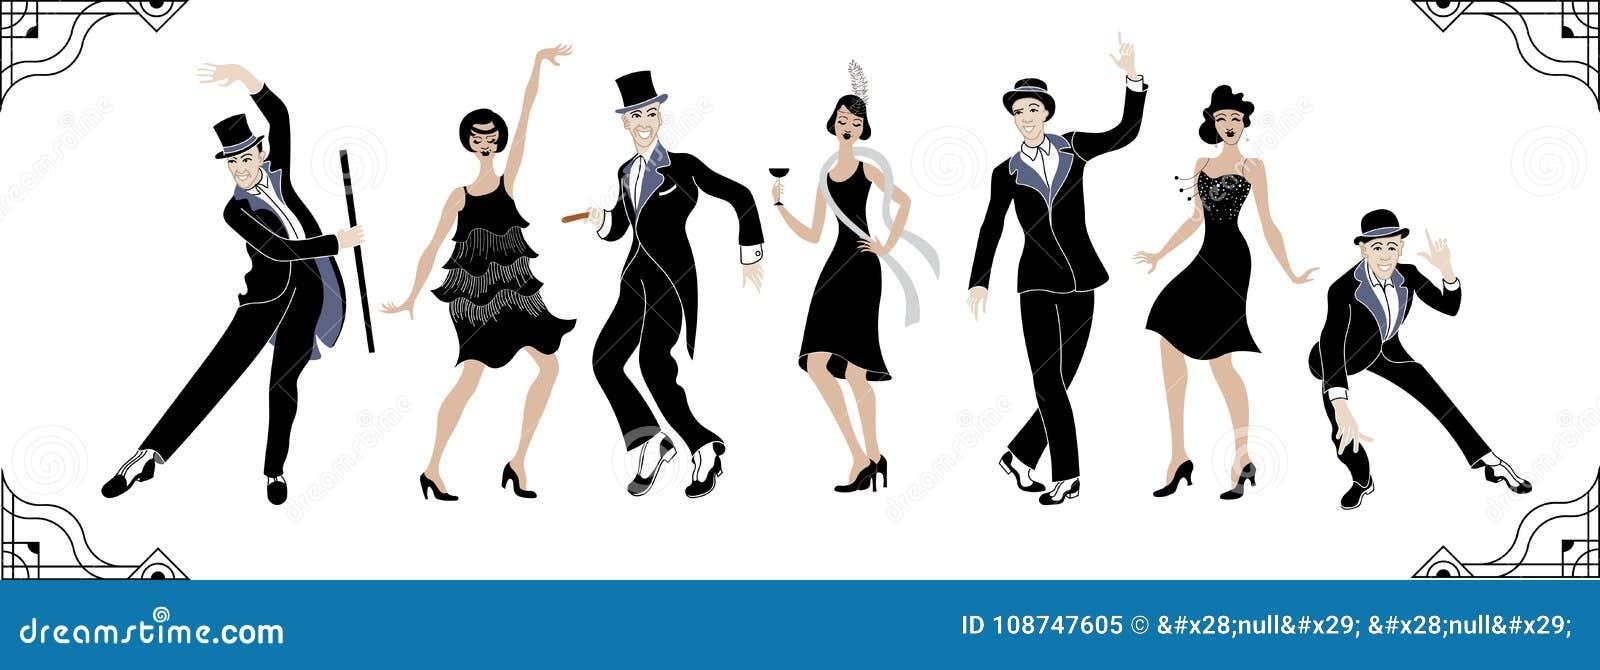 Κόμμα του Τσάρλεστον Σύνολο ύφους Gatsby Ομάδα αναδρομικών γυναίκας και άνδρα χορεύοντας Τσάρλεστον κόκκινος τρύγος ύφους κρίνων